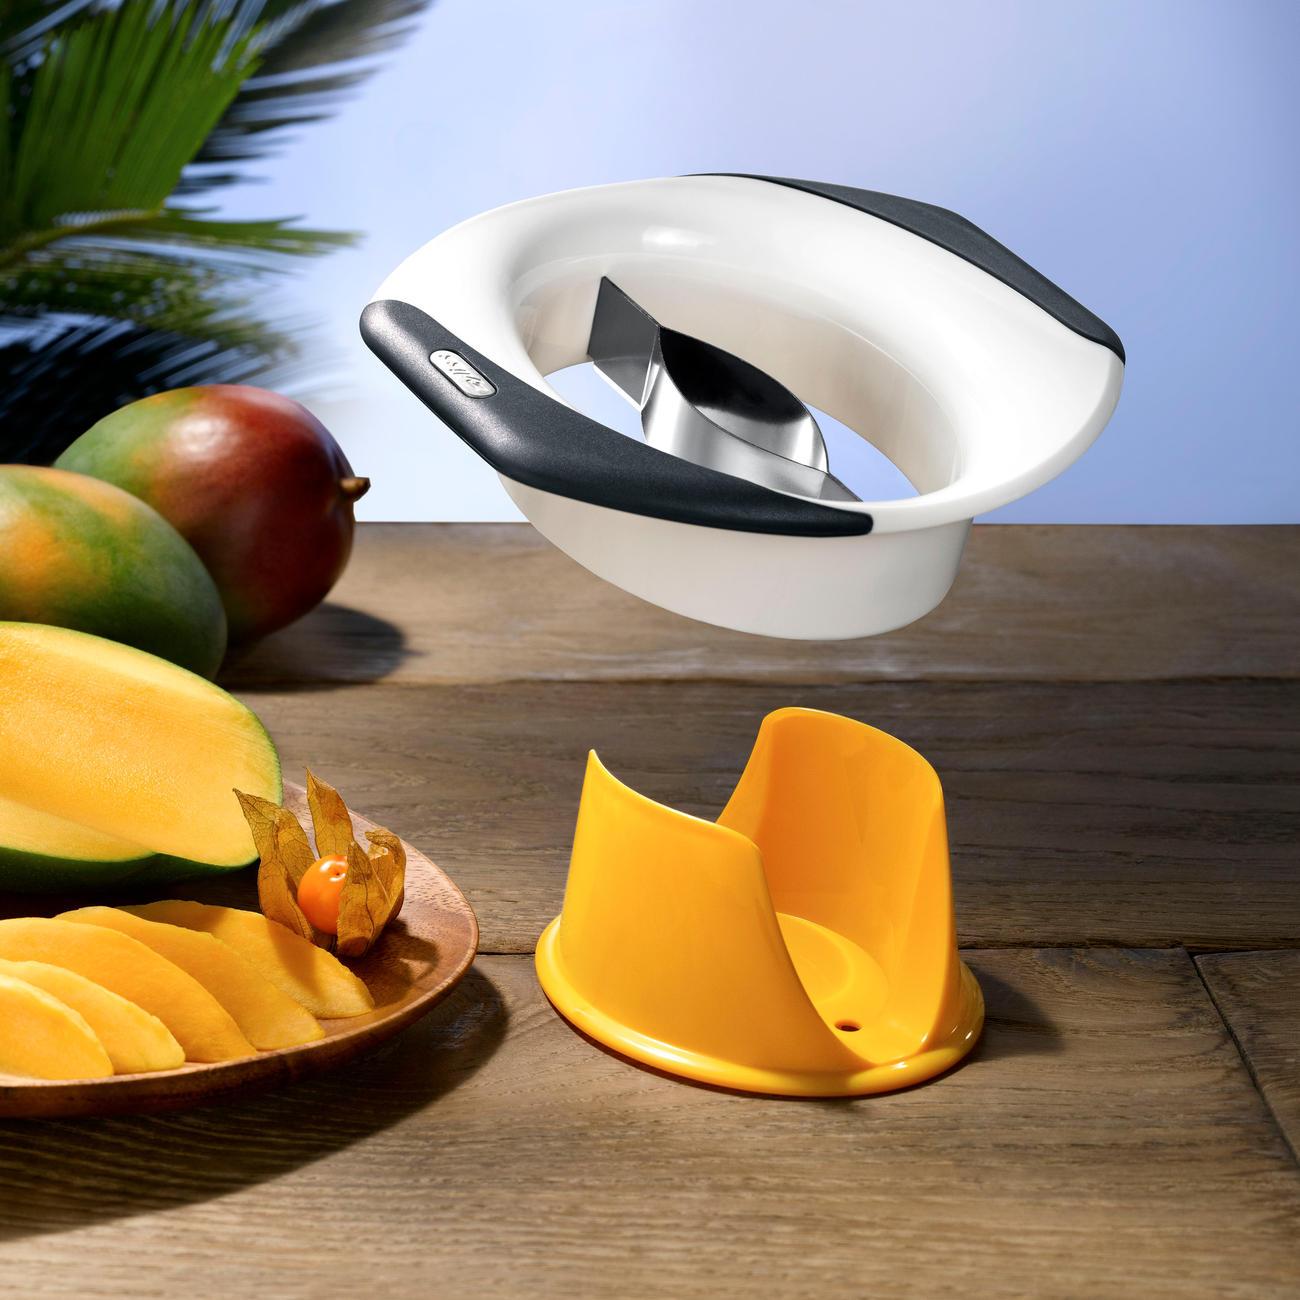 zyliss mangoschneider sch ler mit 3 jahren garantie. Black Bedroom Furniture Sets. Home Design Ideas